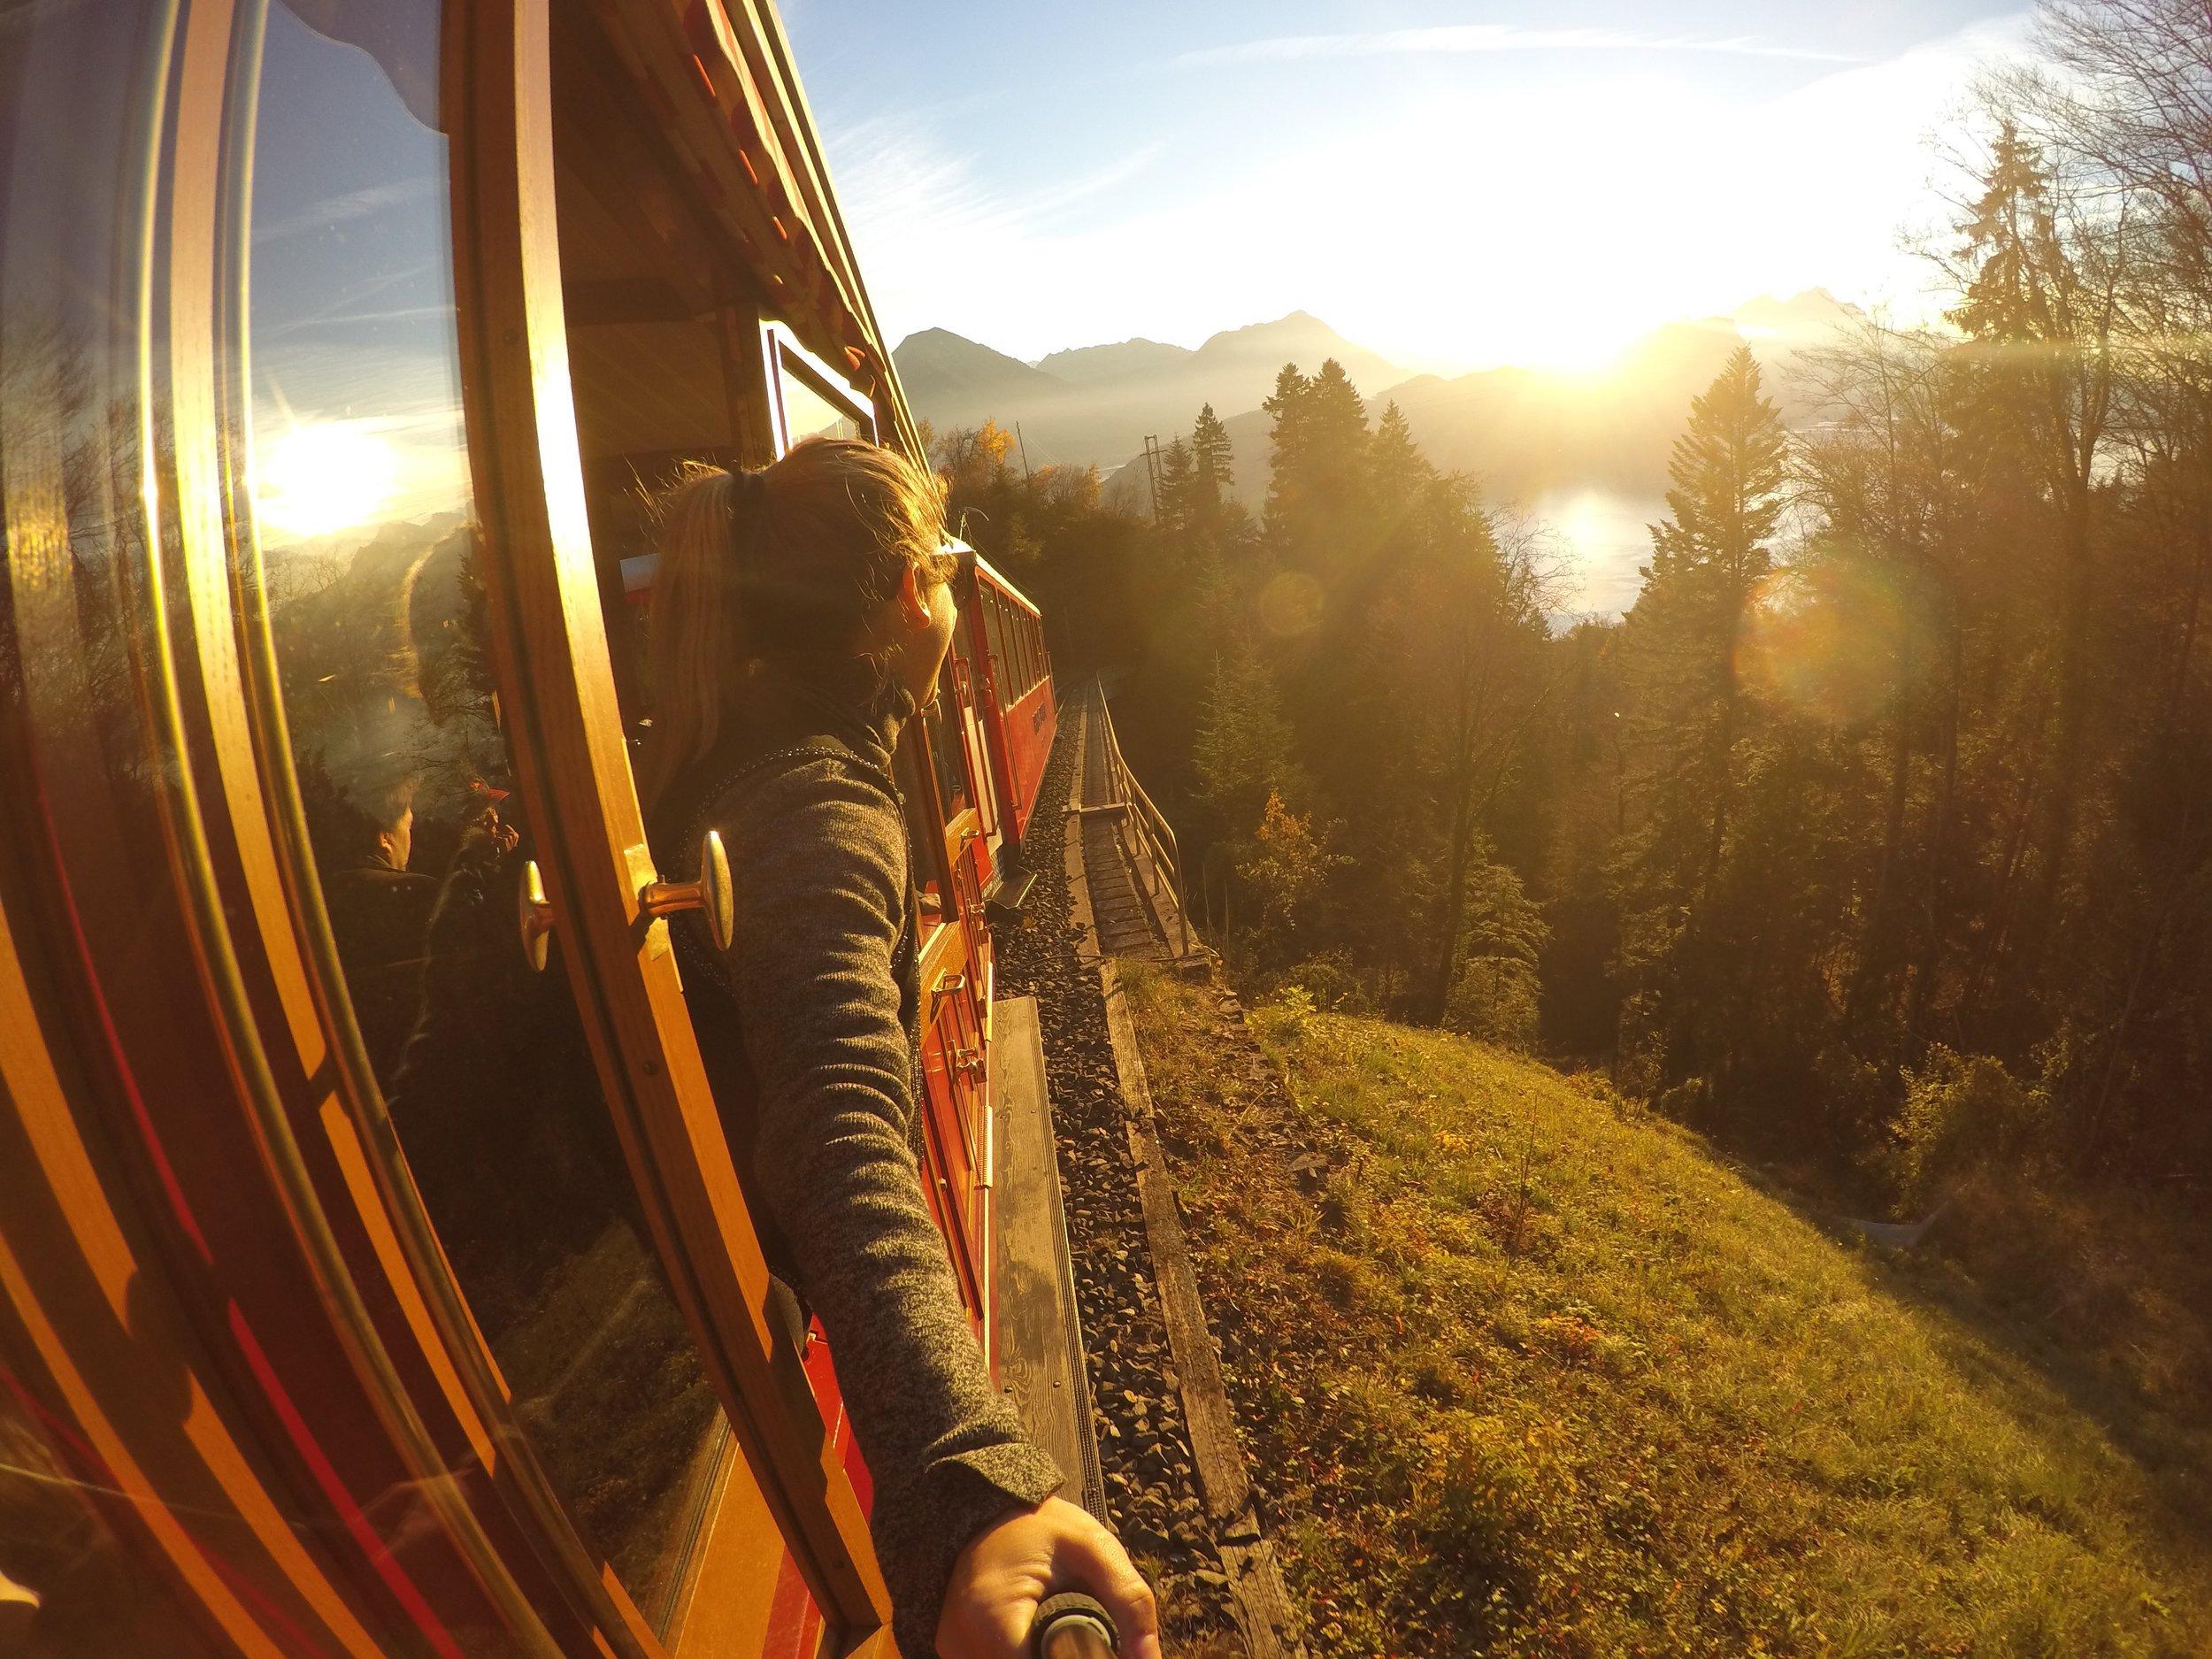 Viagem na Suiça de trem.jpg